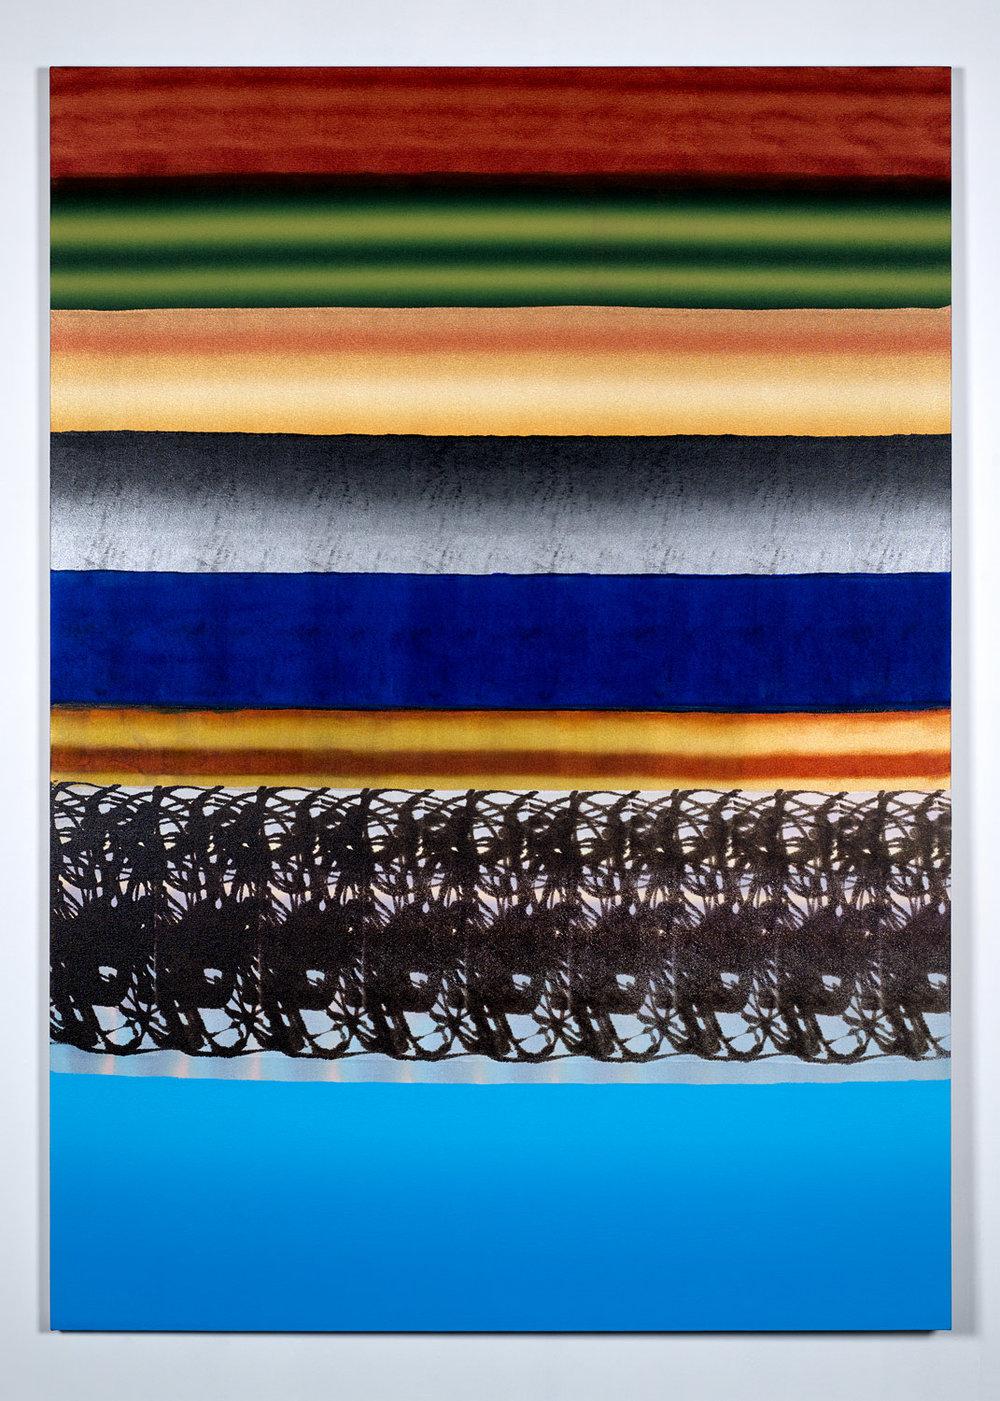 29-02 , 2017.Acrylic on canvas. 7'x5'.